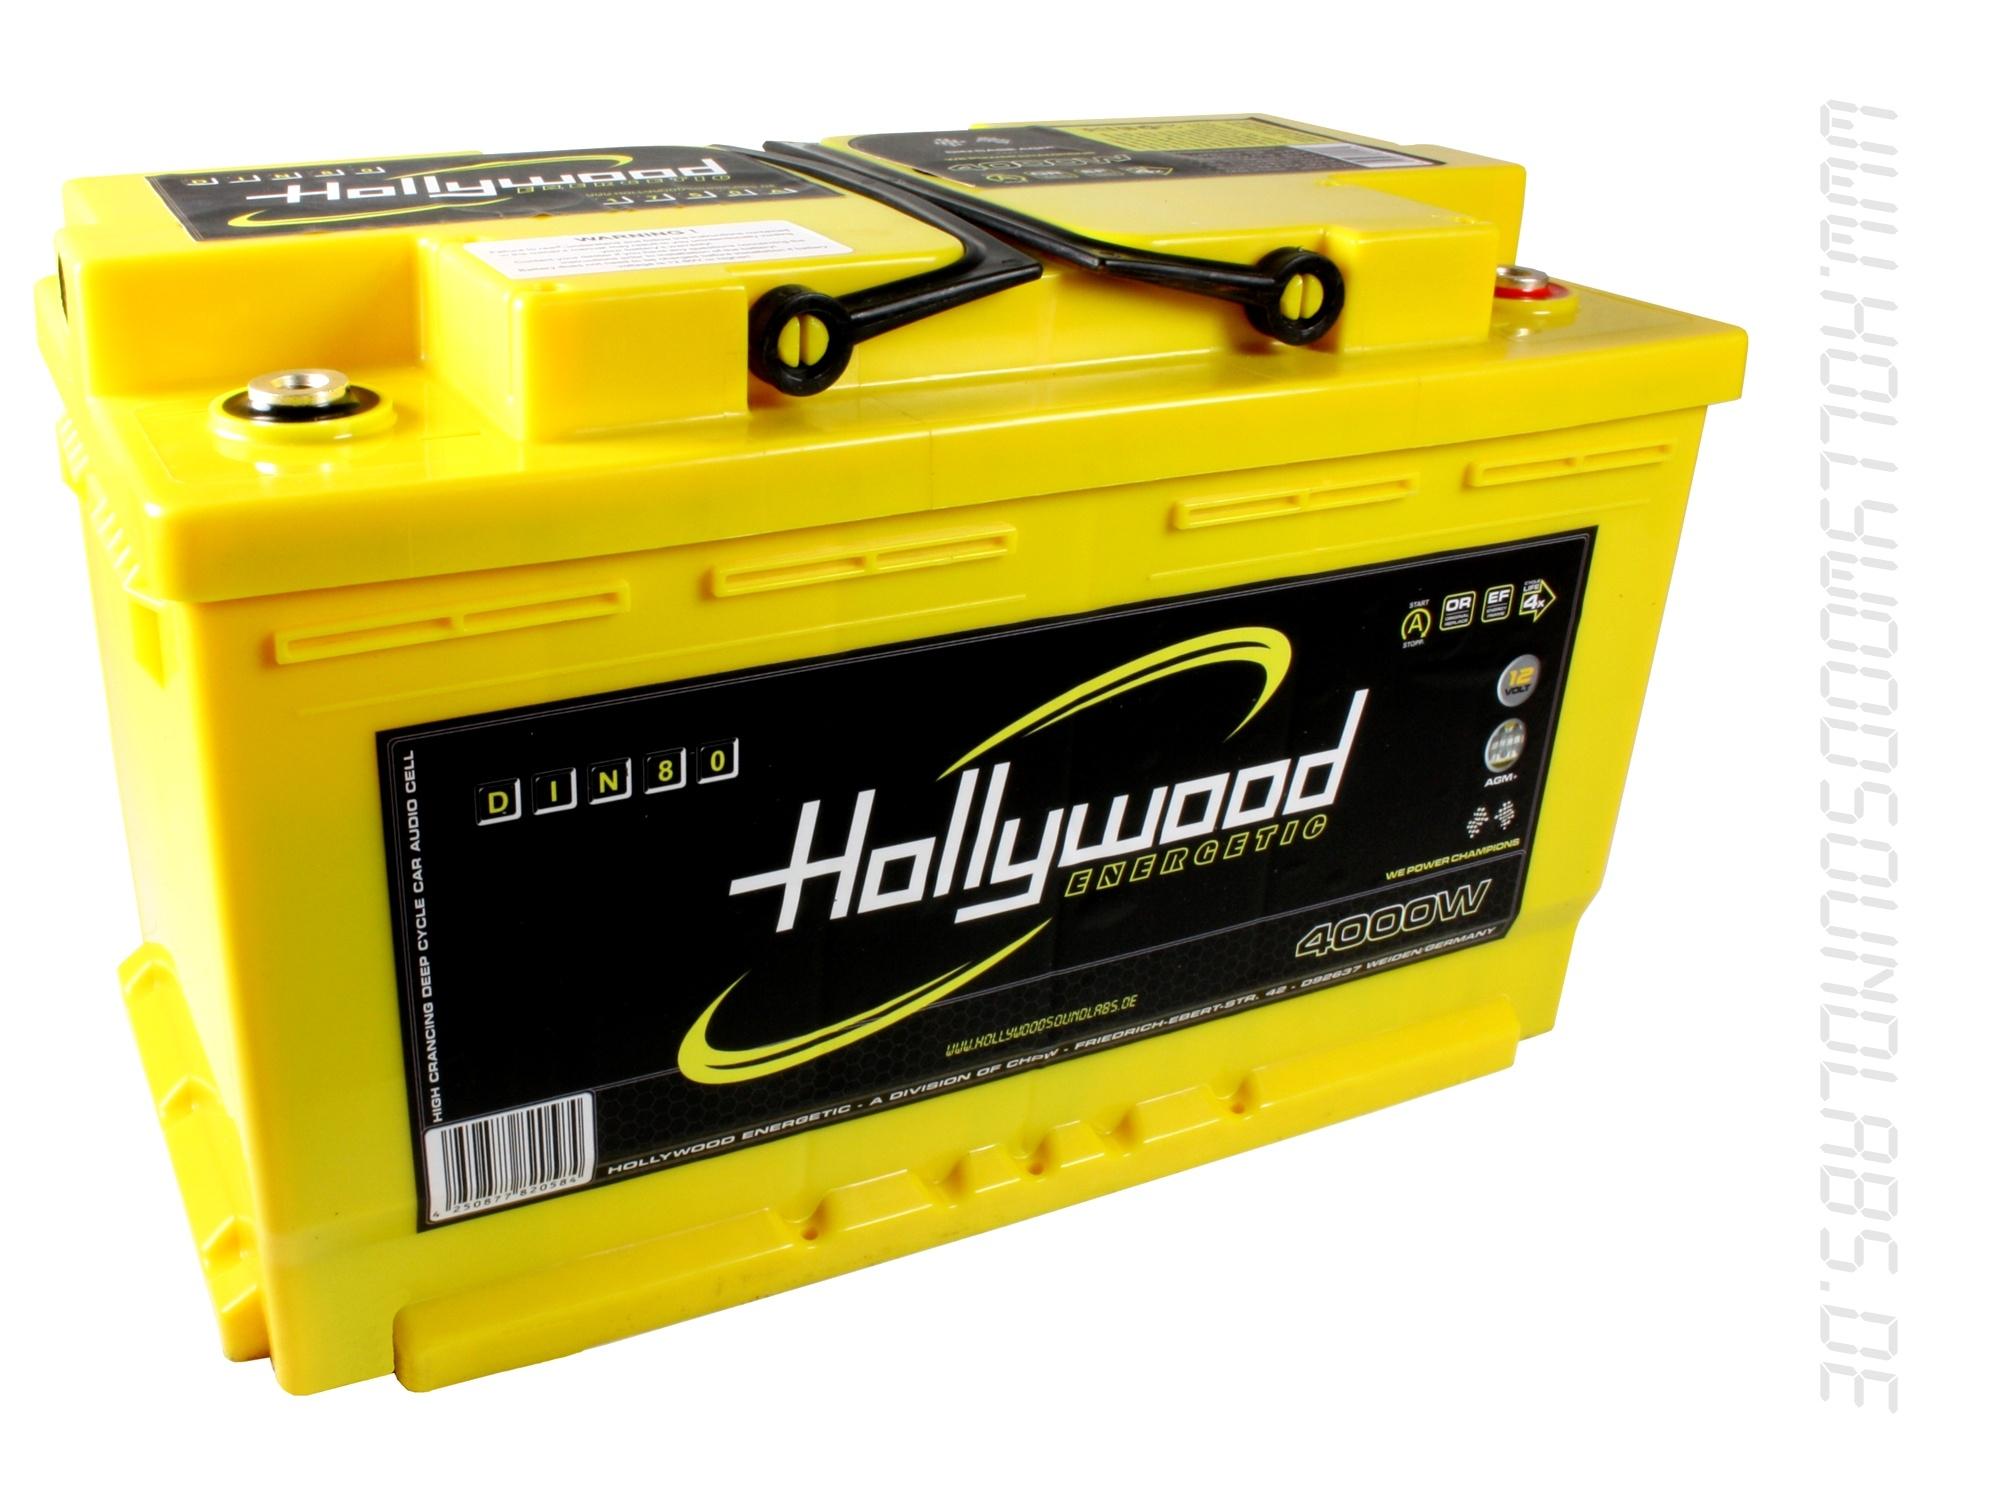 Hollywood prijslijst